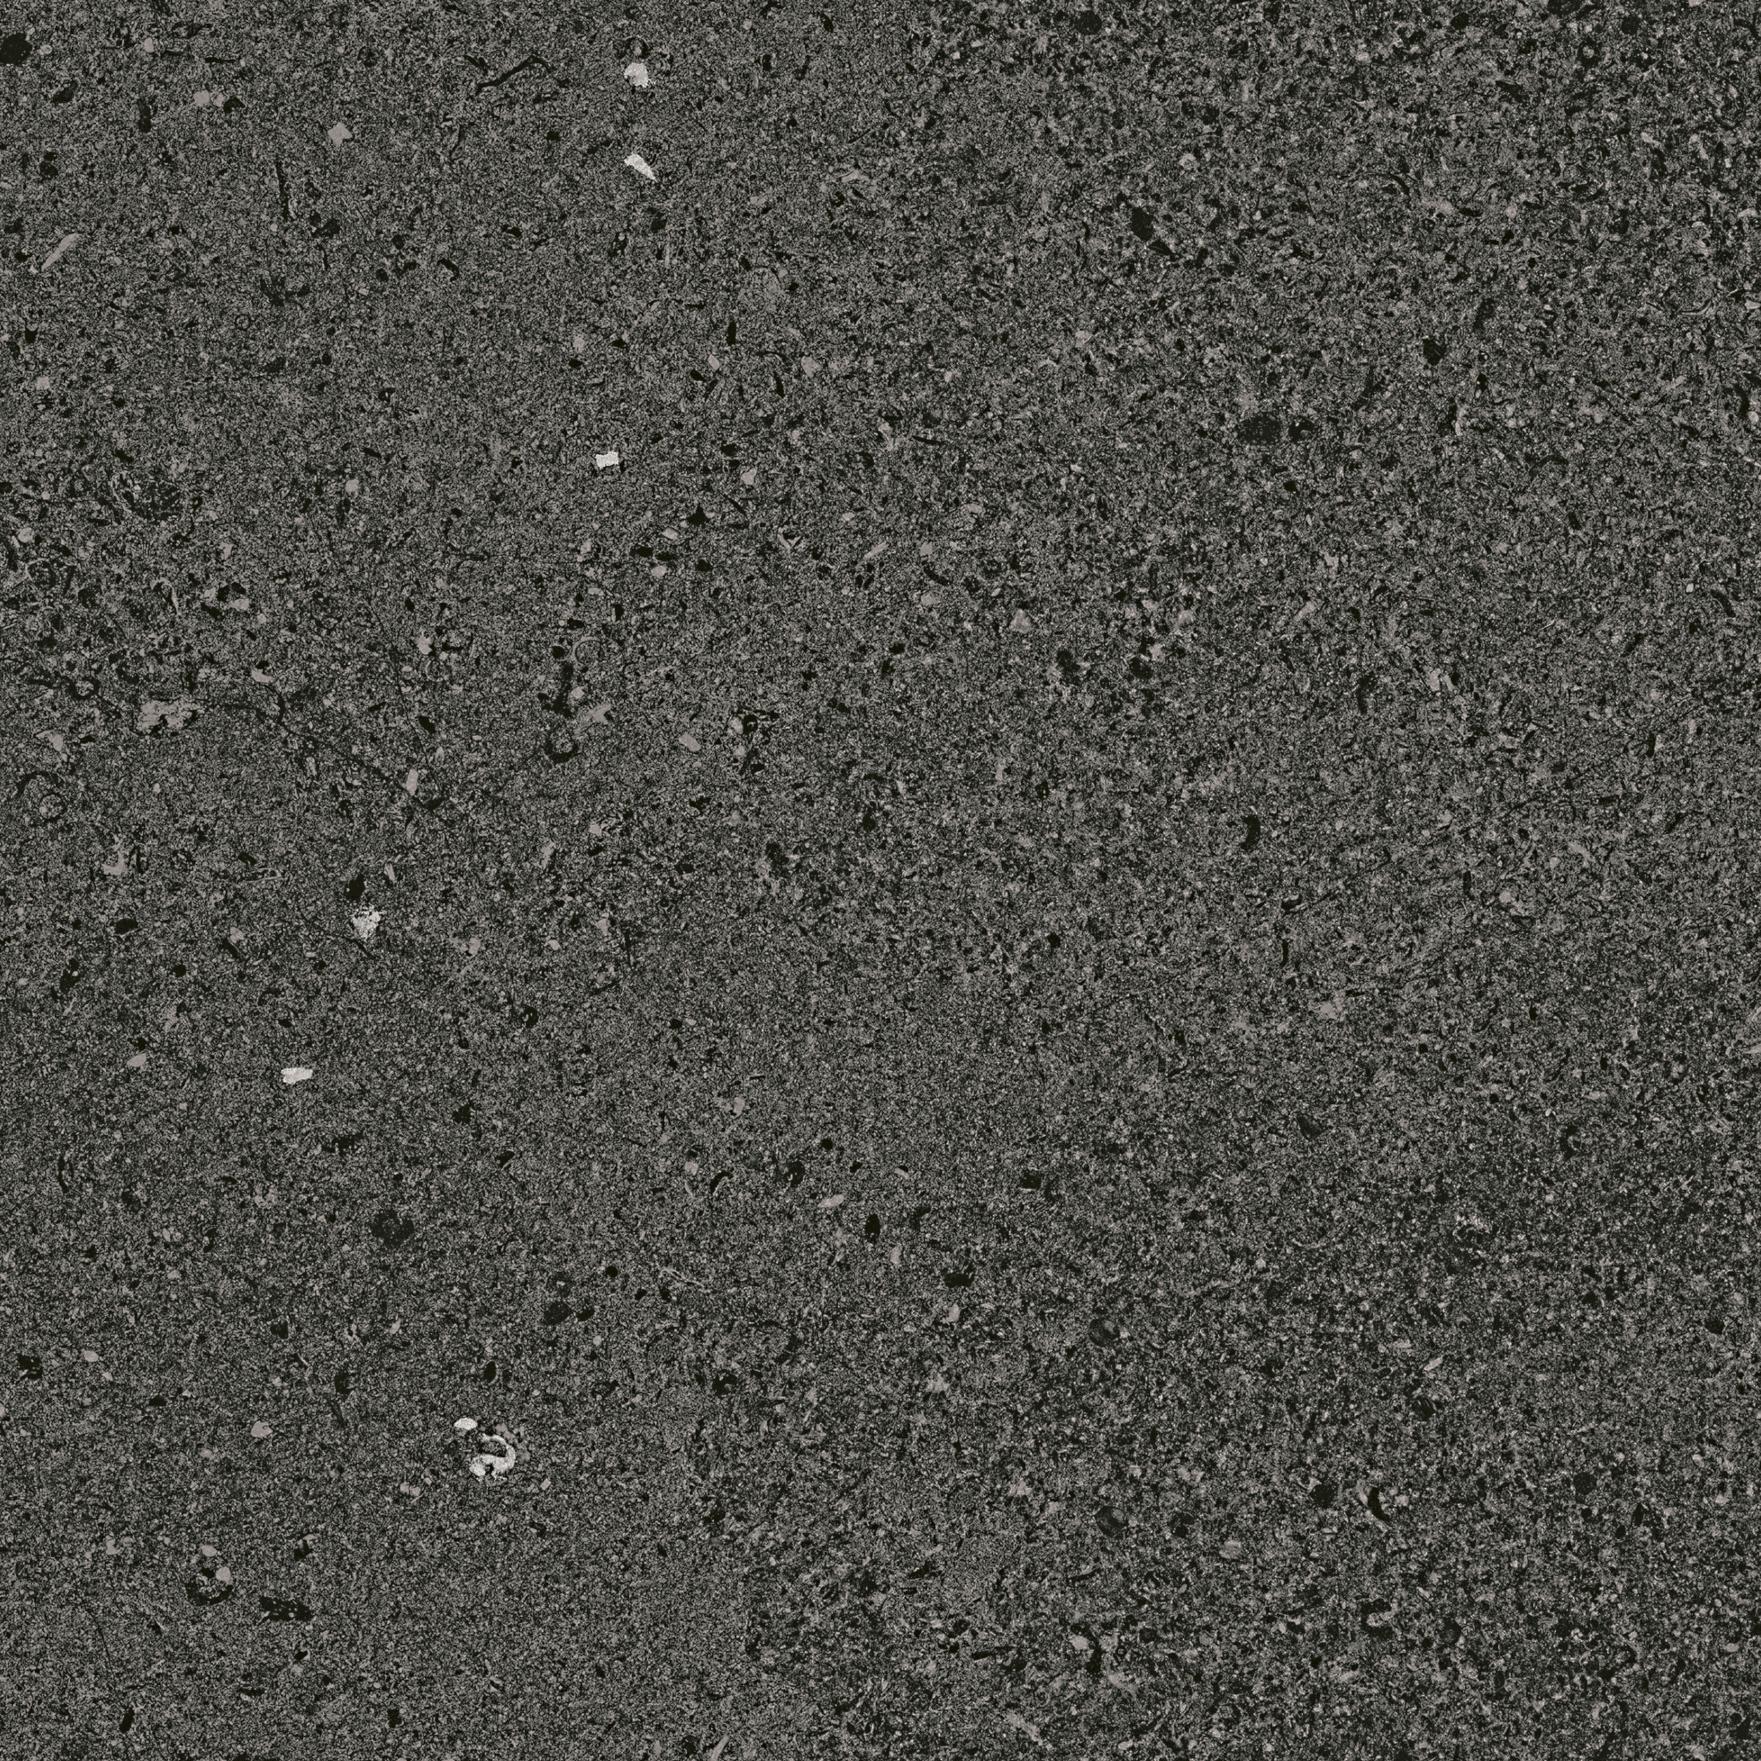 dunkel grau Steinoptik Fliese, dark grey stone effect tile 60x60